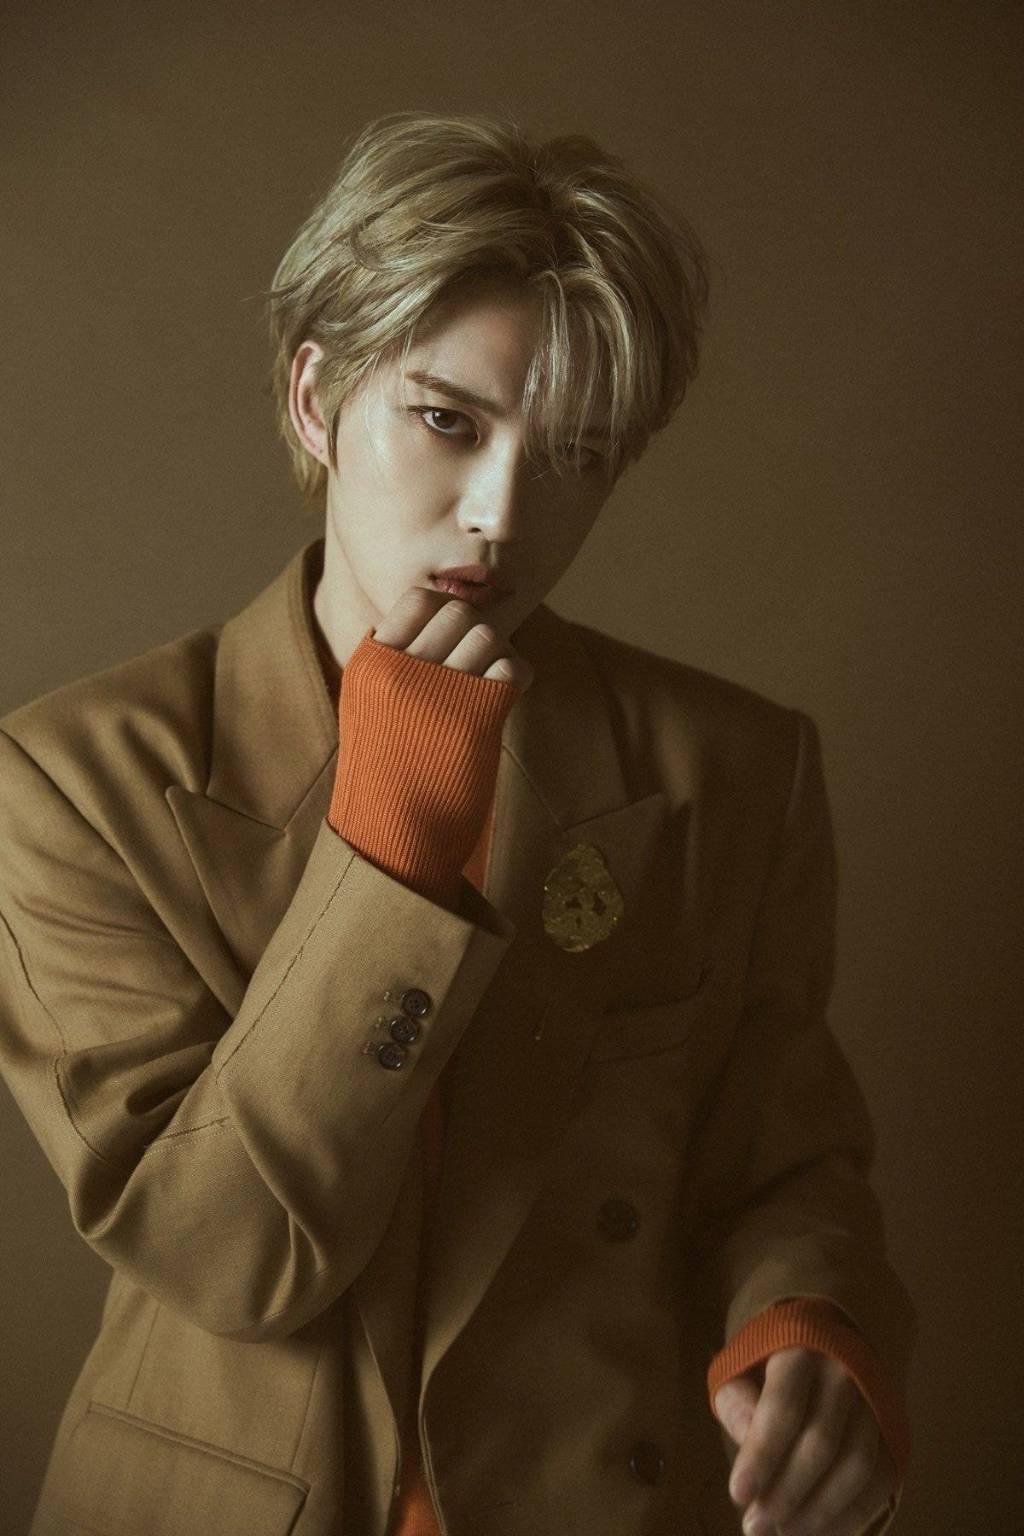 4년만에 새앨범 나온 김재중 비쥬얼 | 인스티즈